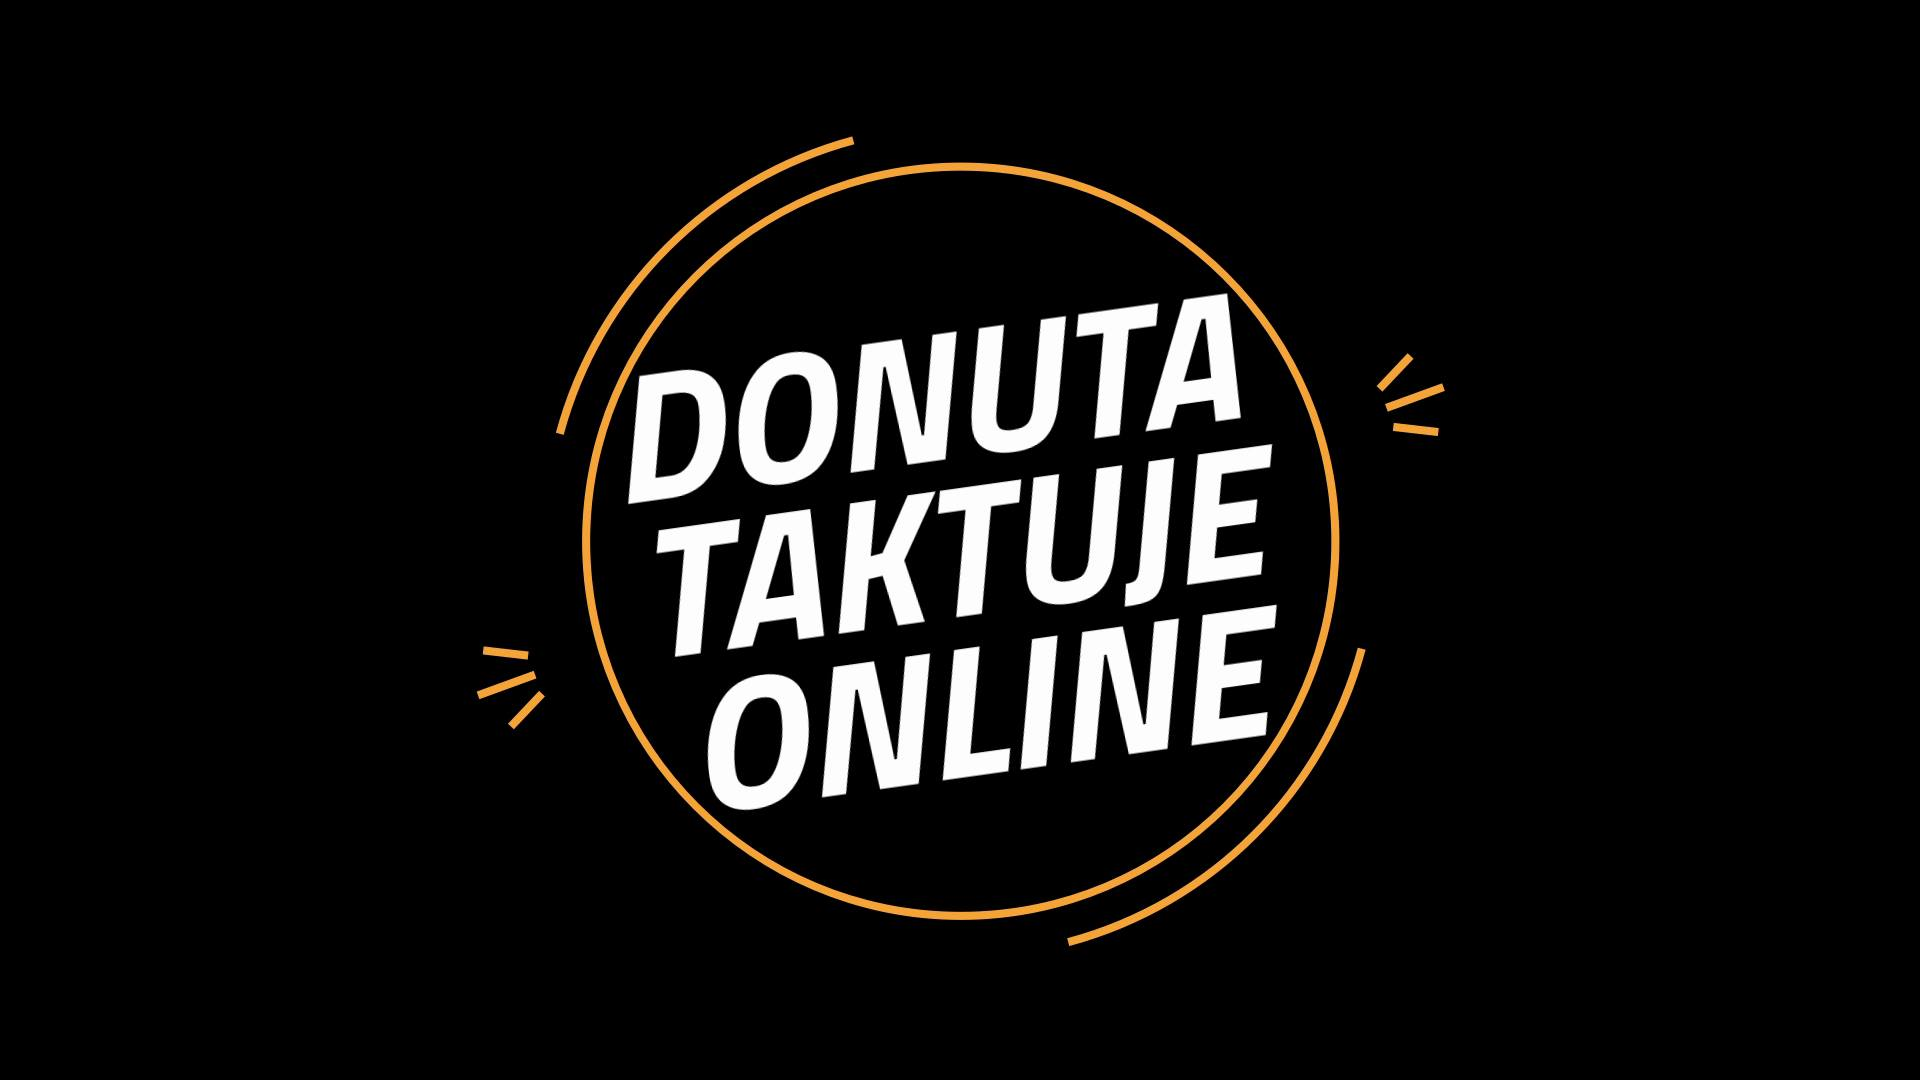 DoNuta Taktuje Online